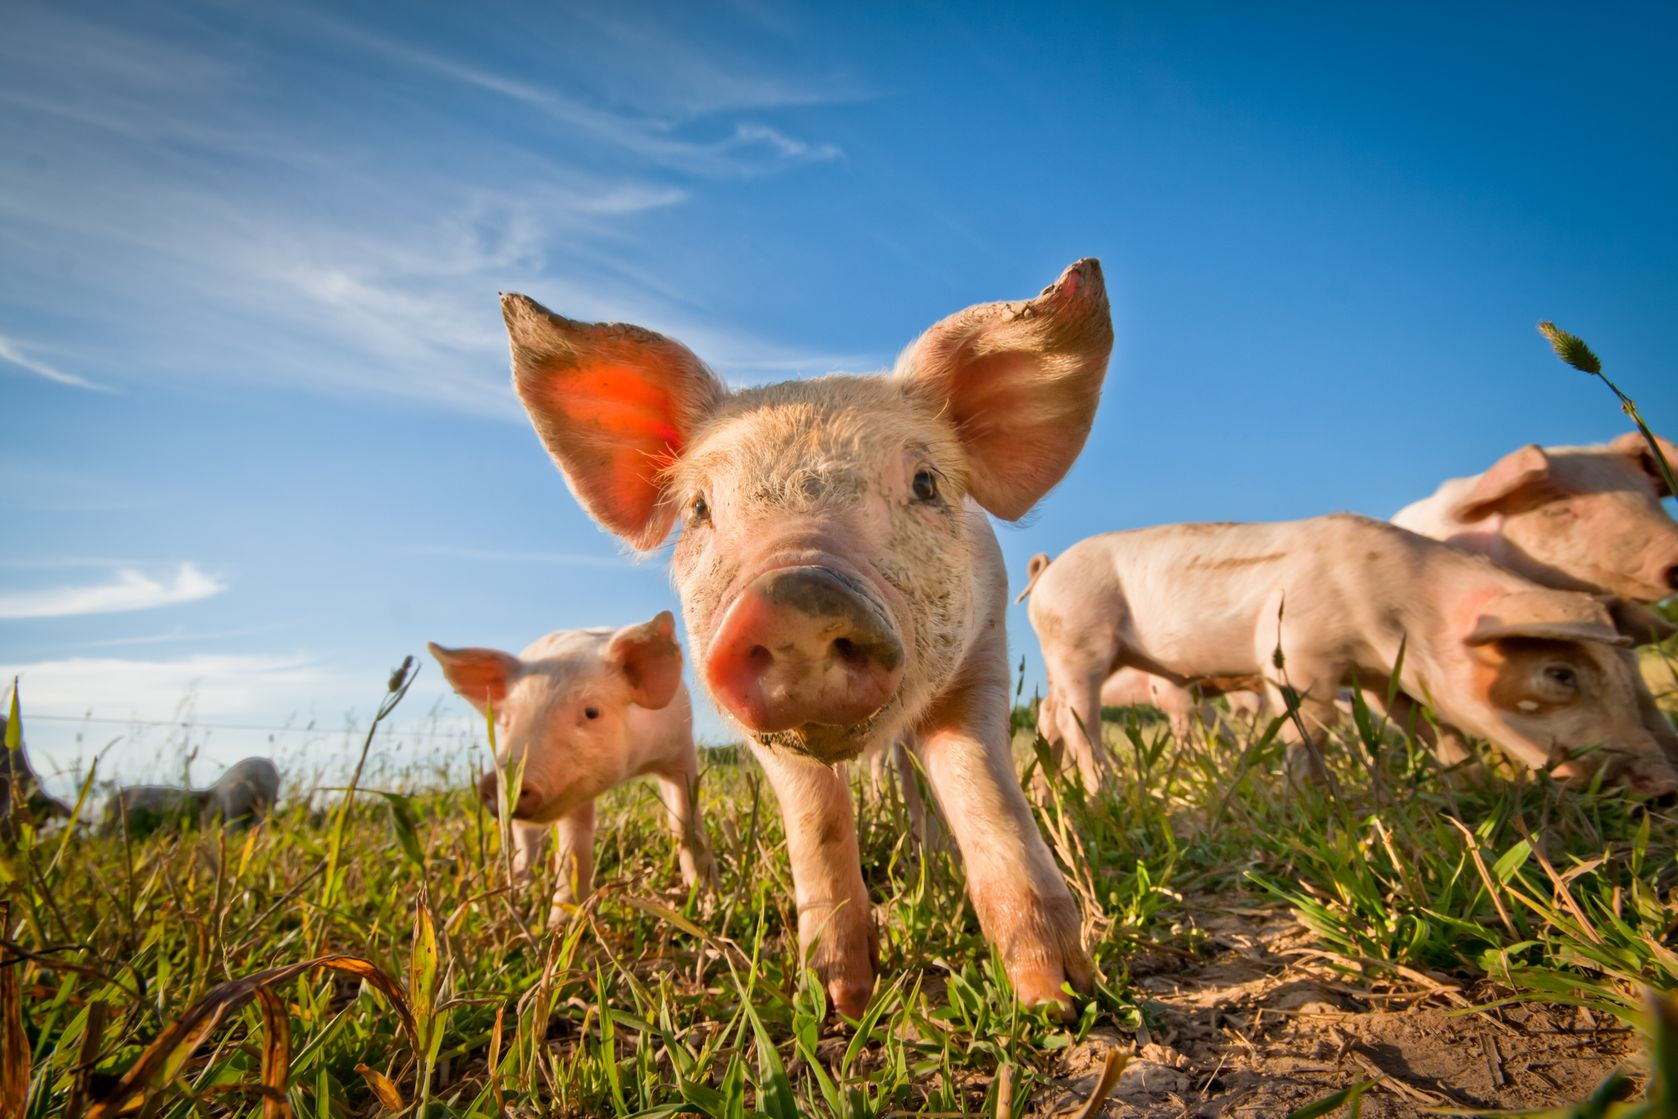 北方猪价连跌三天,鸡肉价也跌了,两大板块三天蒸发400亿